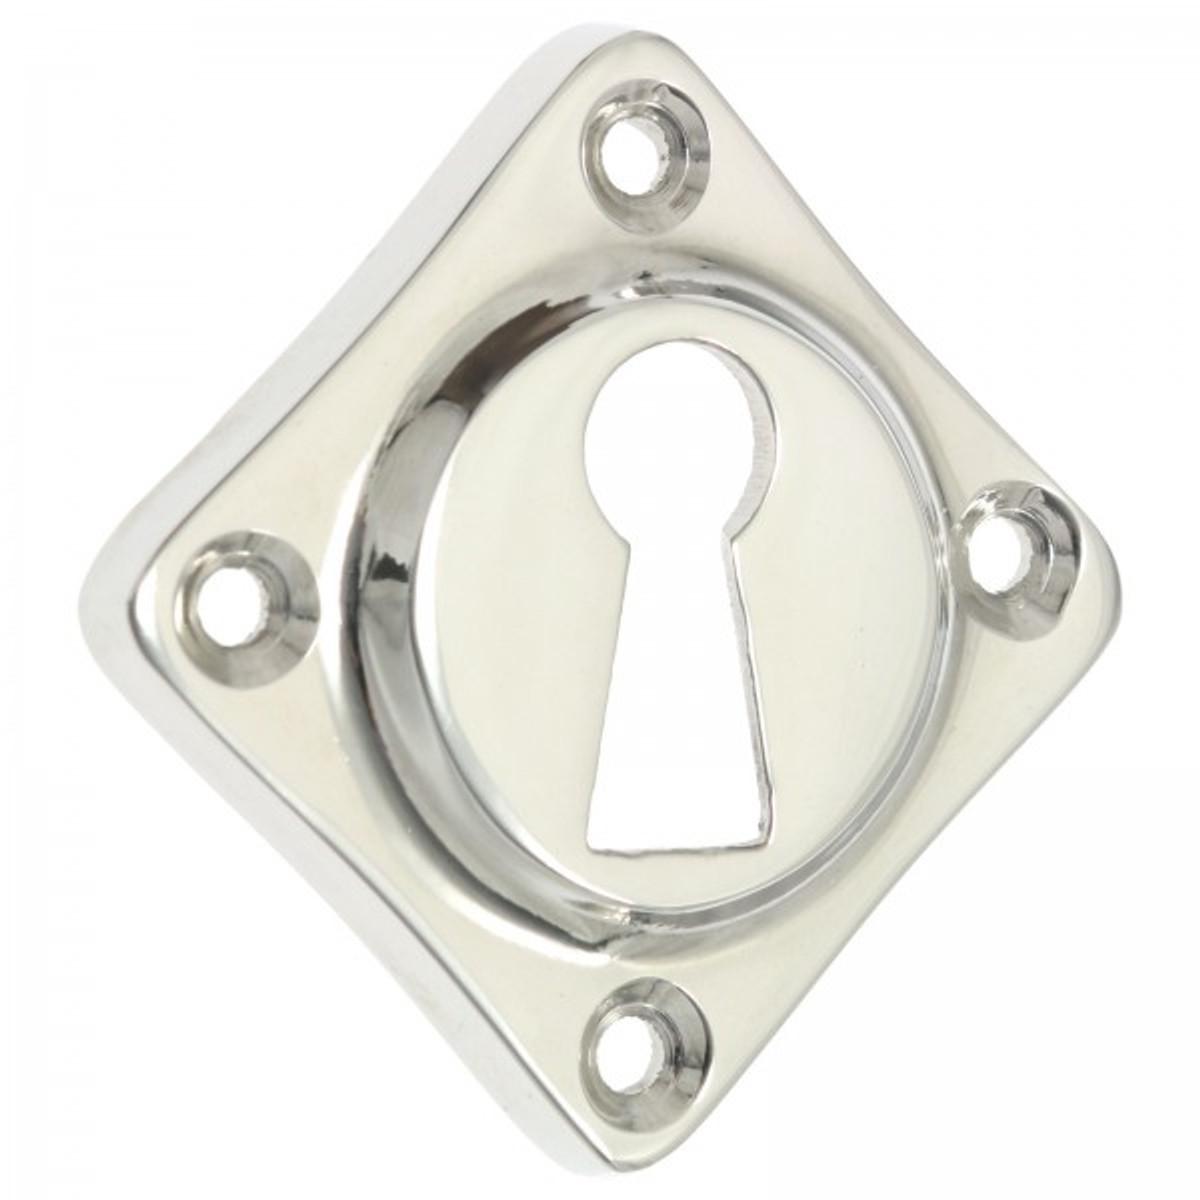 Türschloss für Innentüren Rosette Buntbart Nickel im schlichten modernen Design glänzend poliert gleich online kaufen.